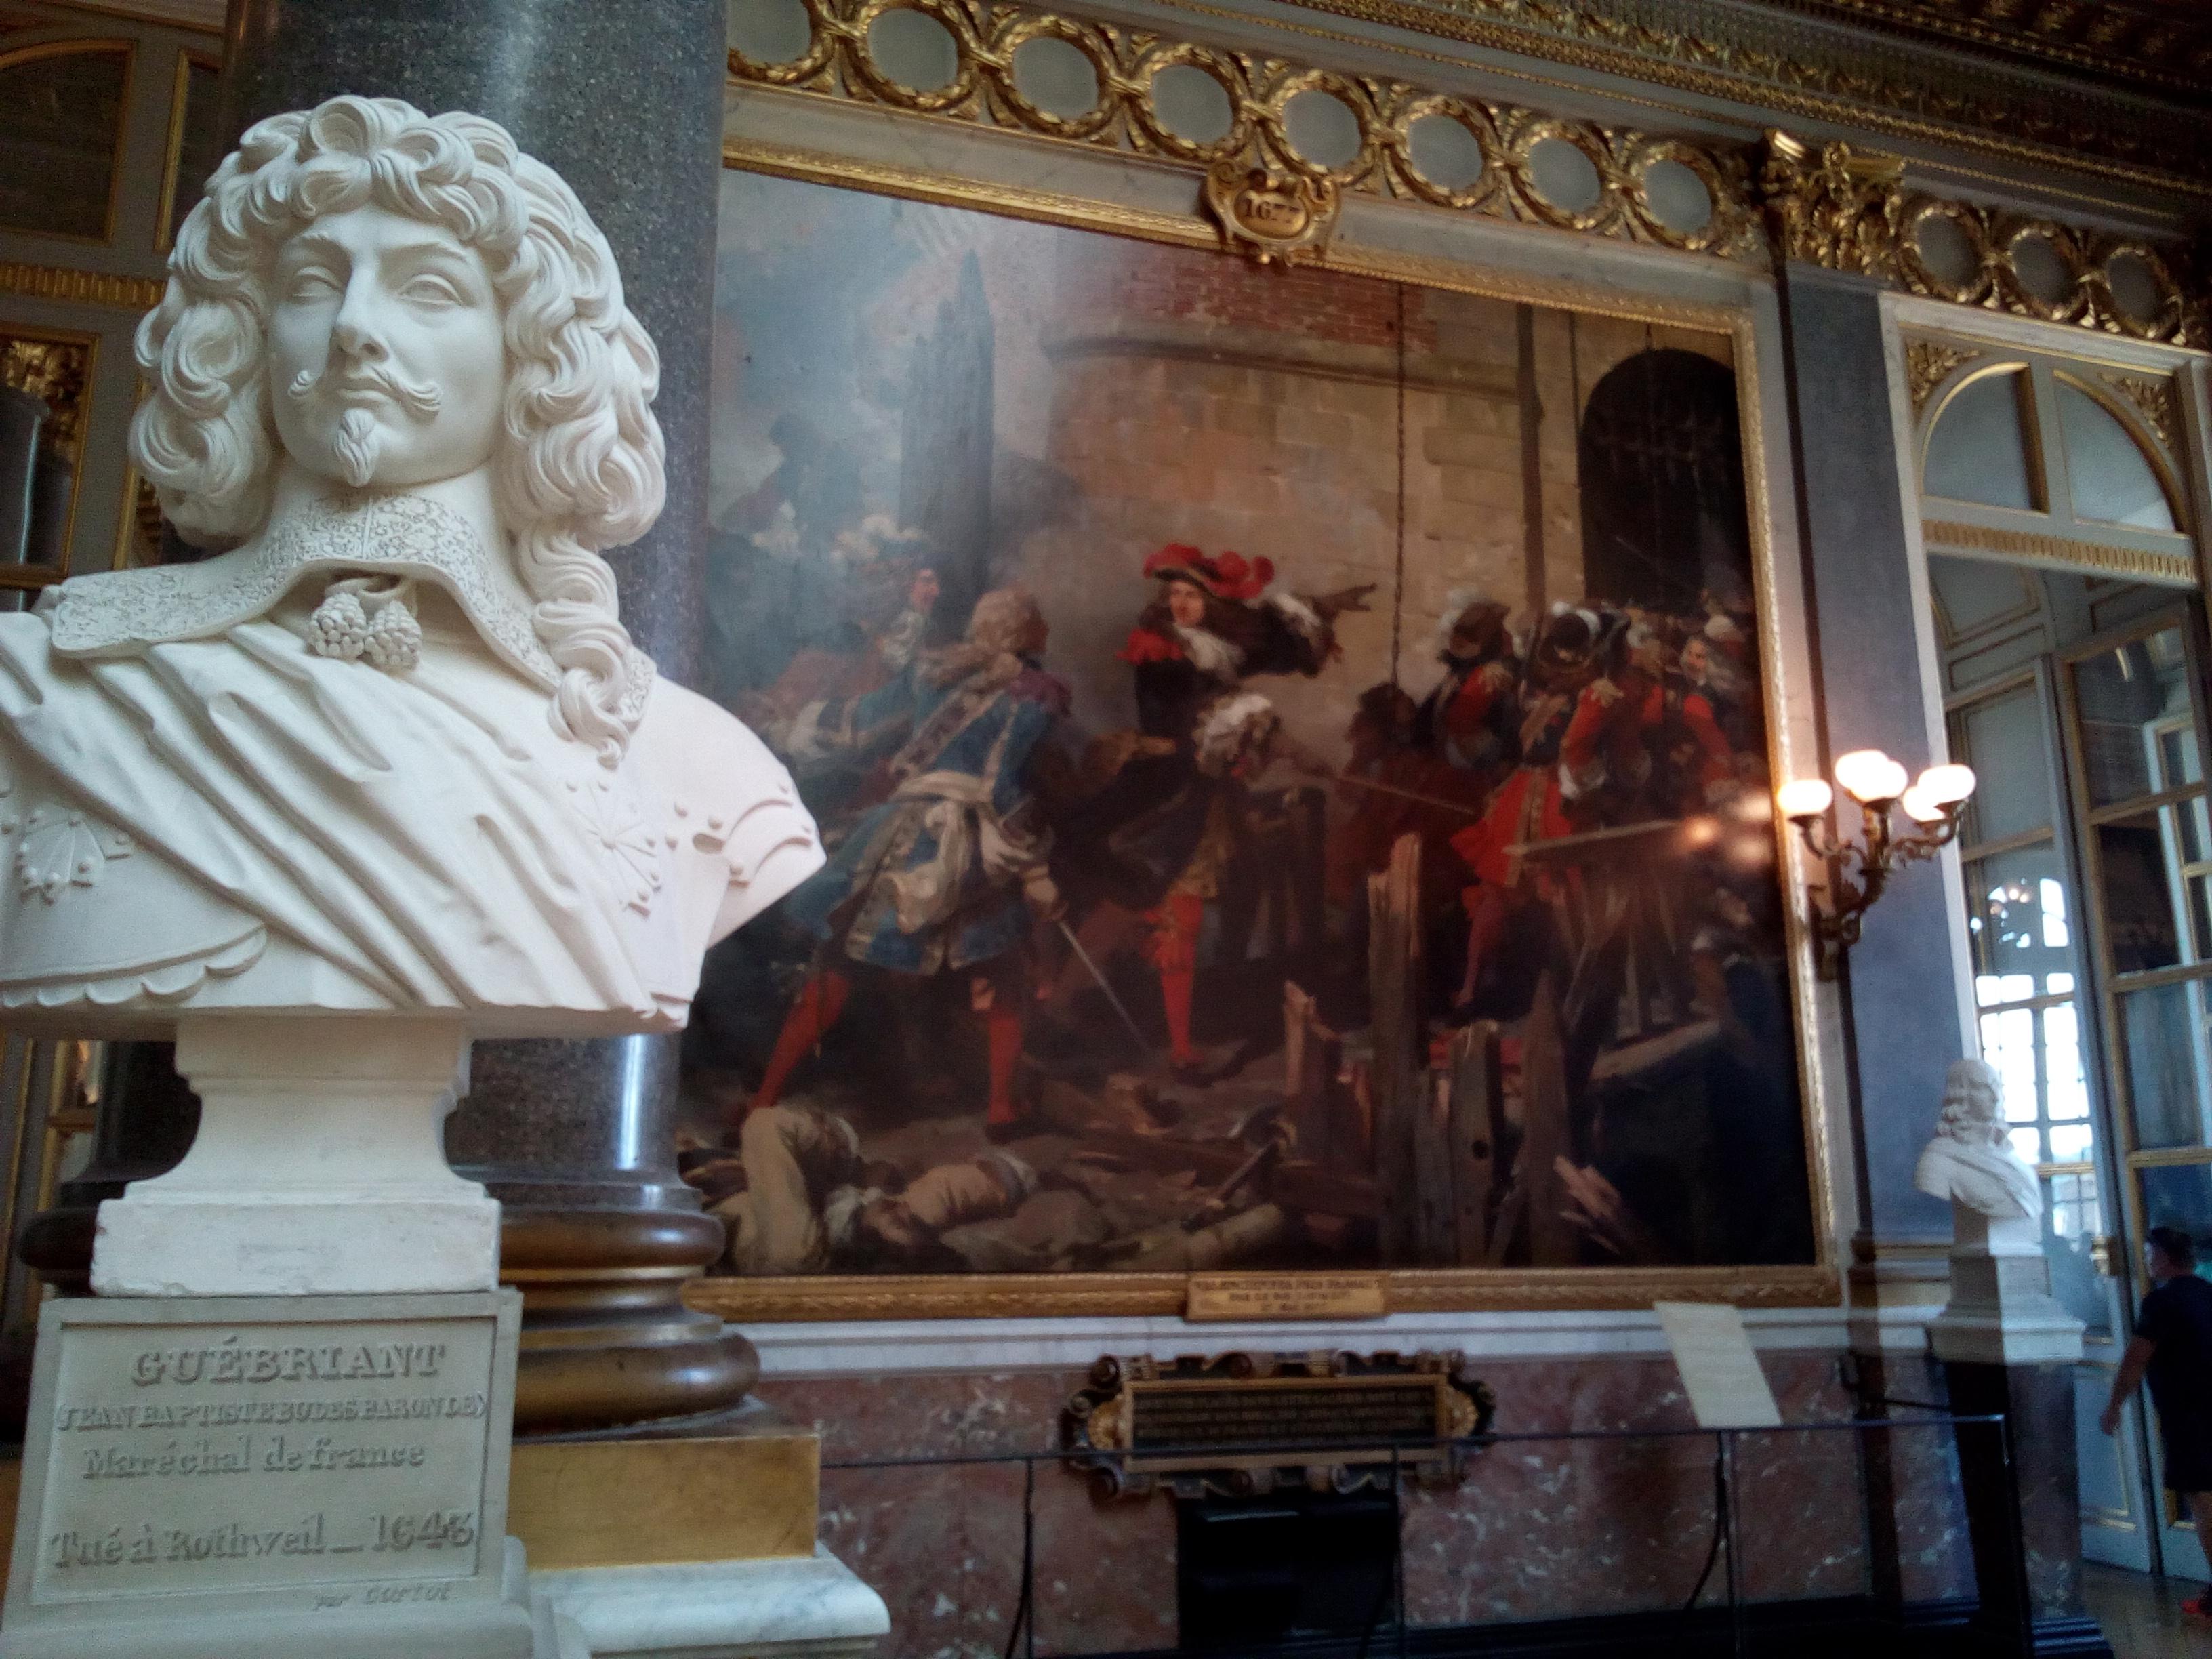 La Galerie des Batailles du château de Versailles, Valenciennes pris d'assaut par le roi (Louis XIV), 17 mai 1677 et buste de Guébriant